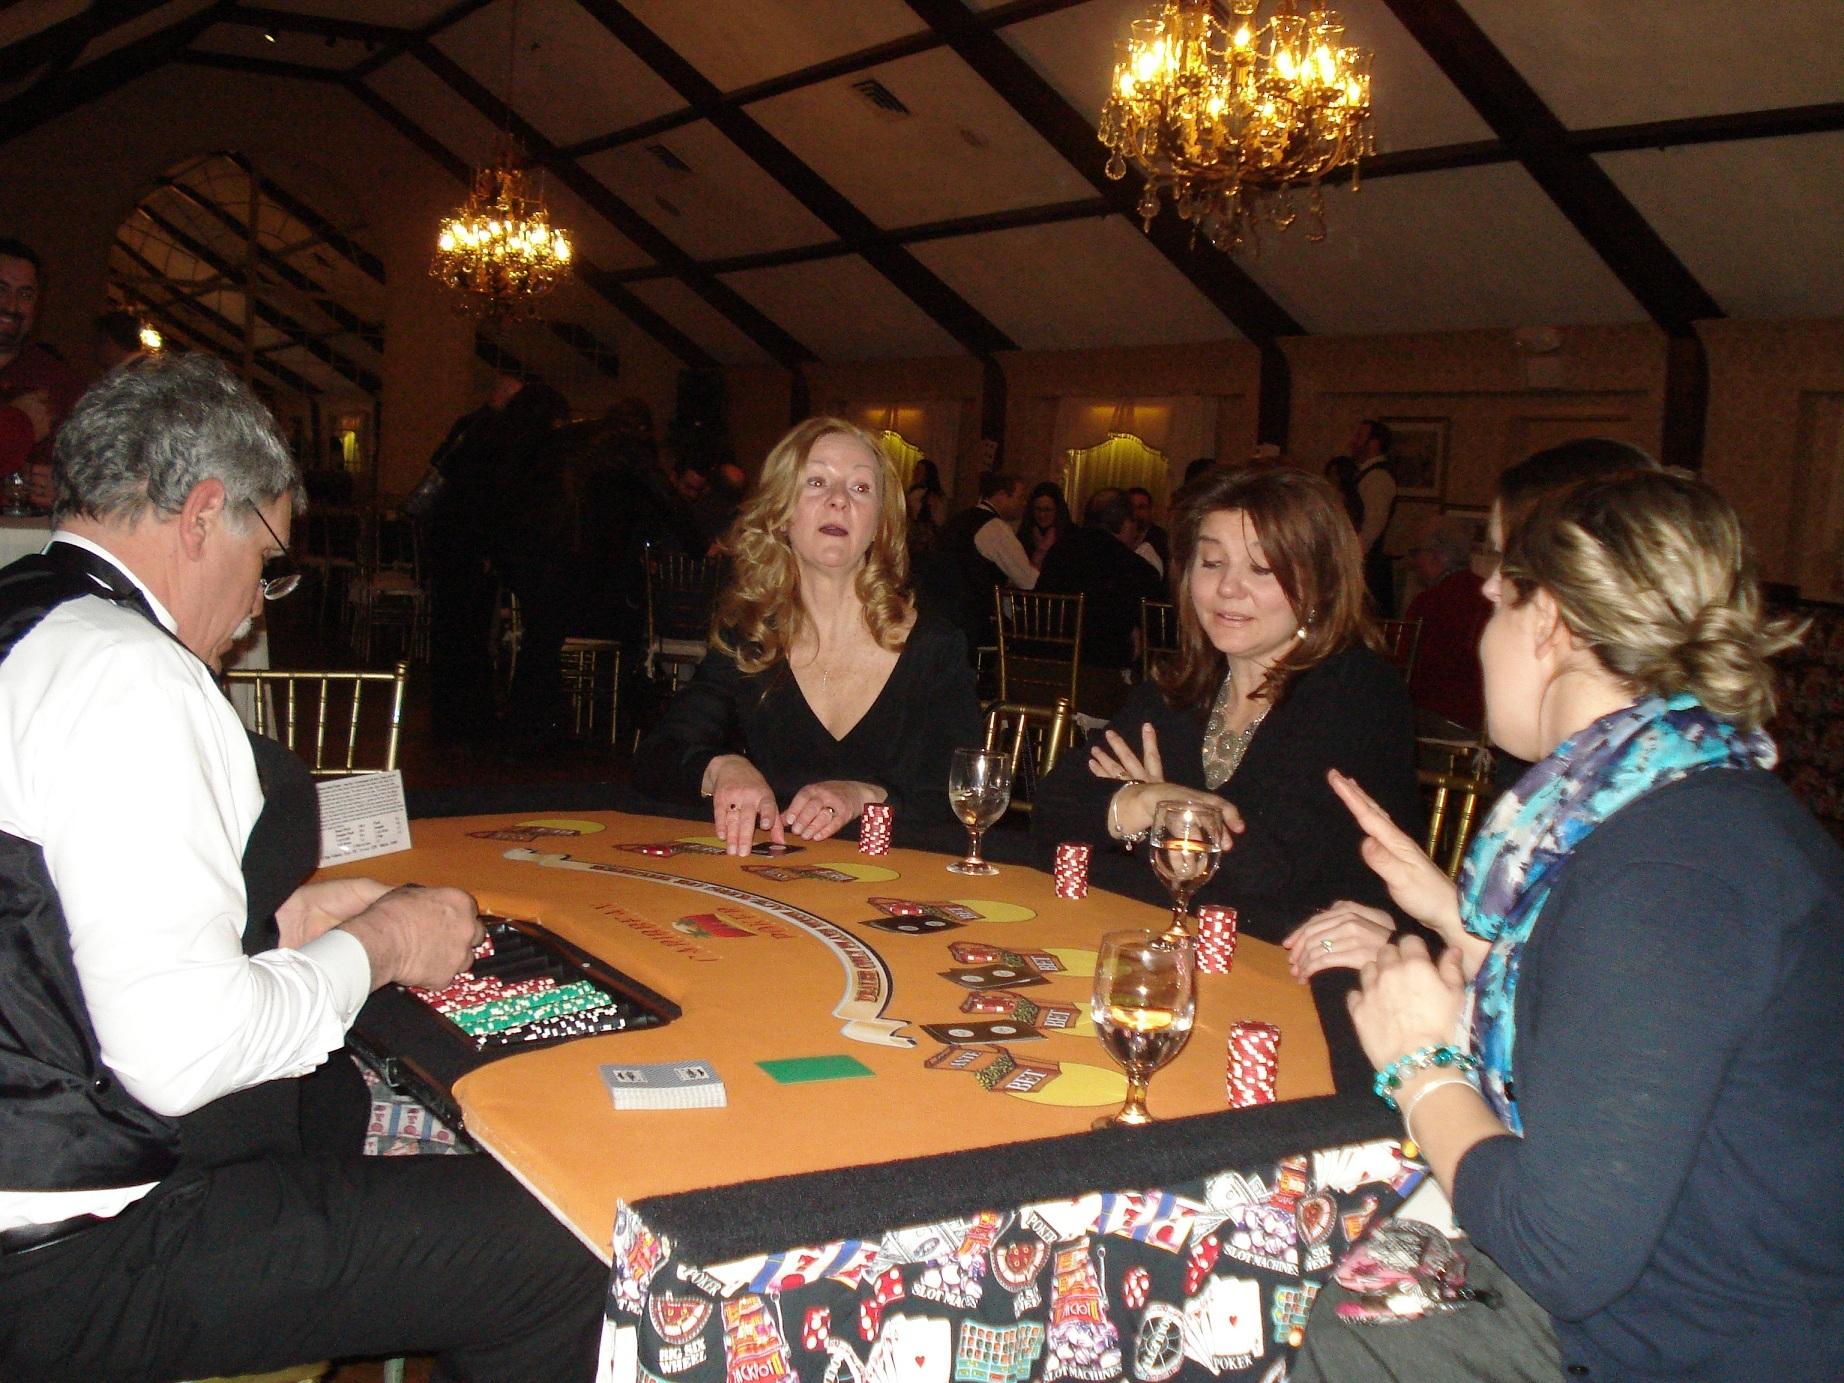 a84a1d18732047091652_Casino_Night_008.JPG